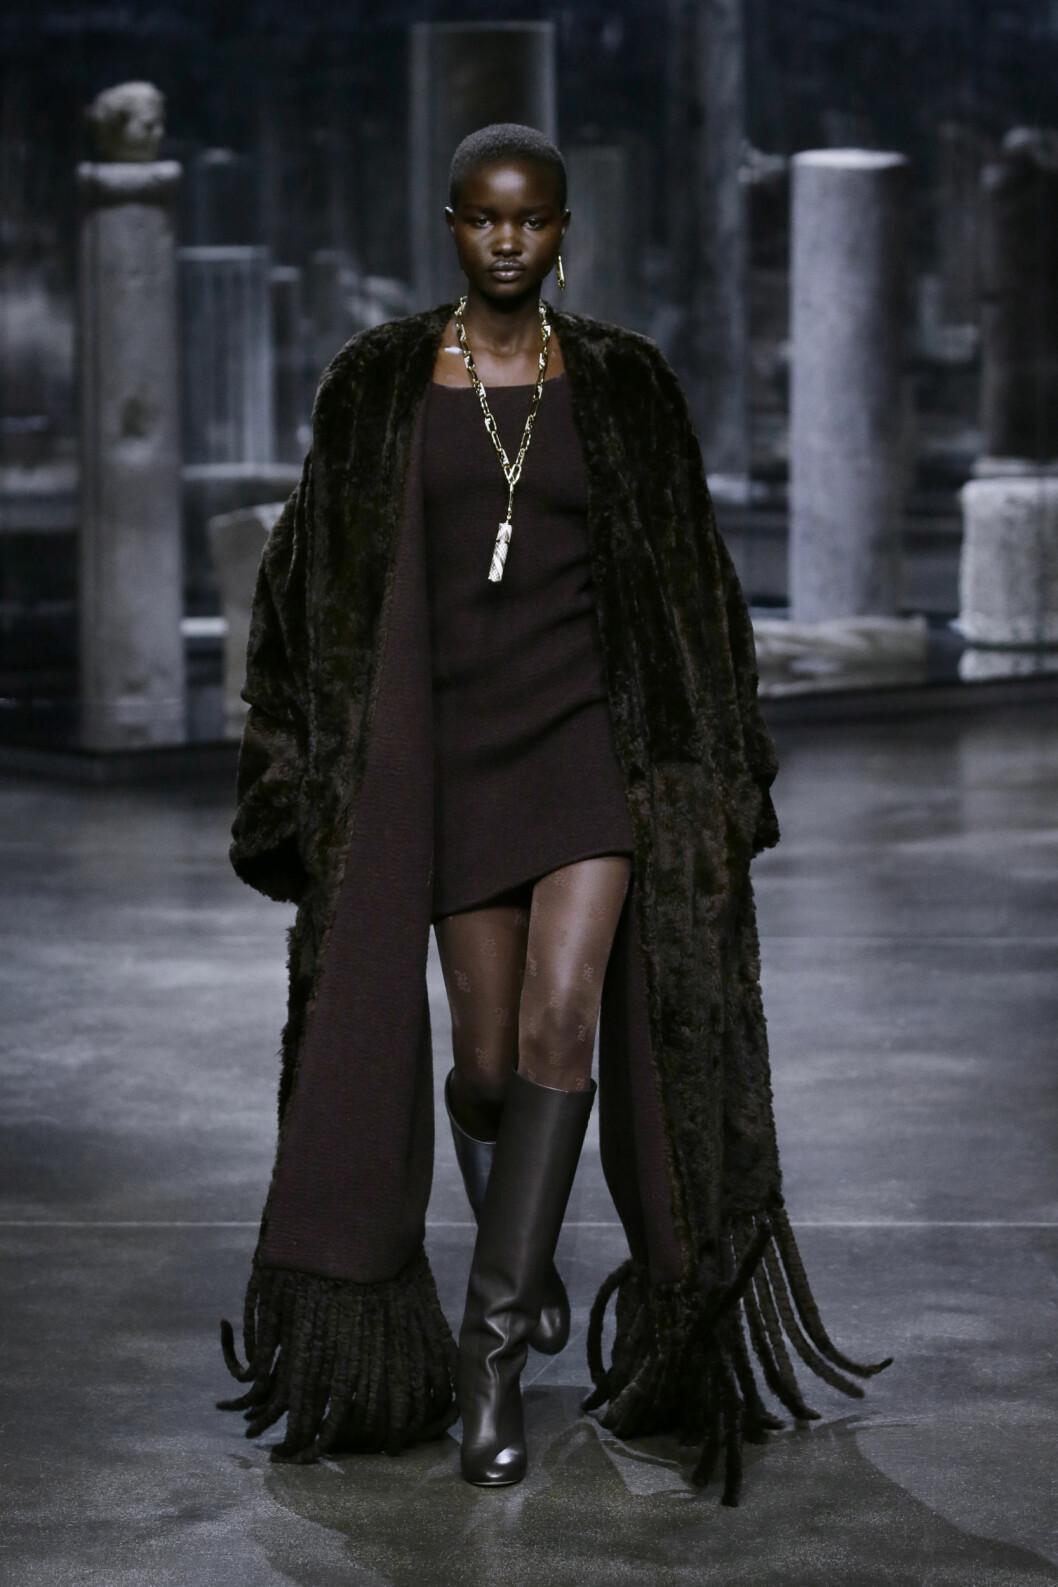 mörkbrun look från Fendi